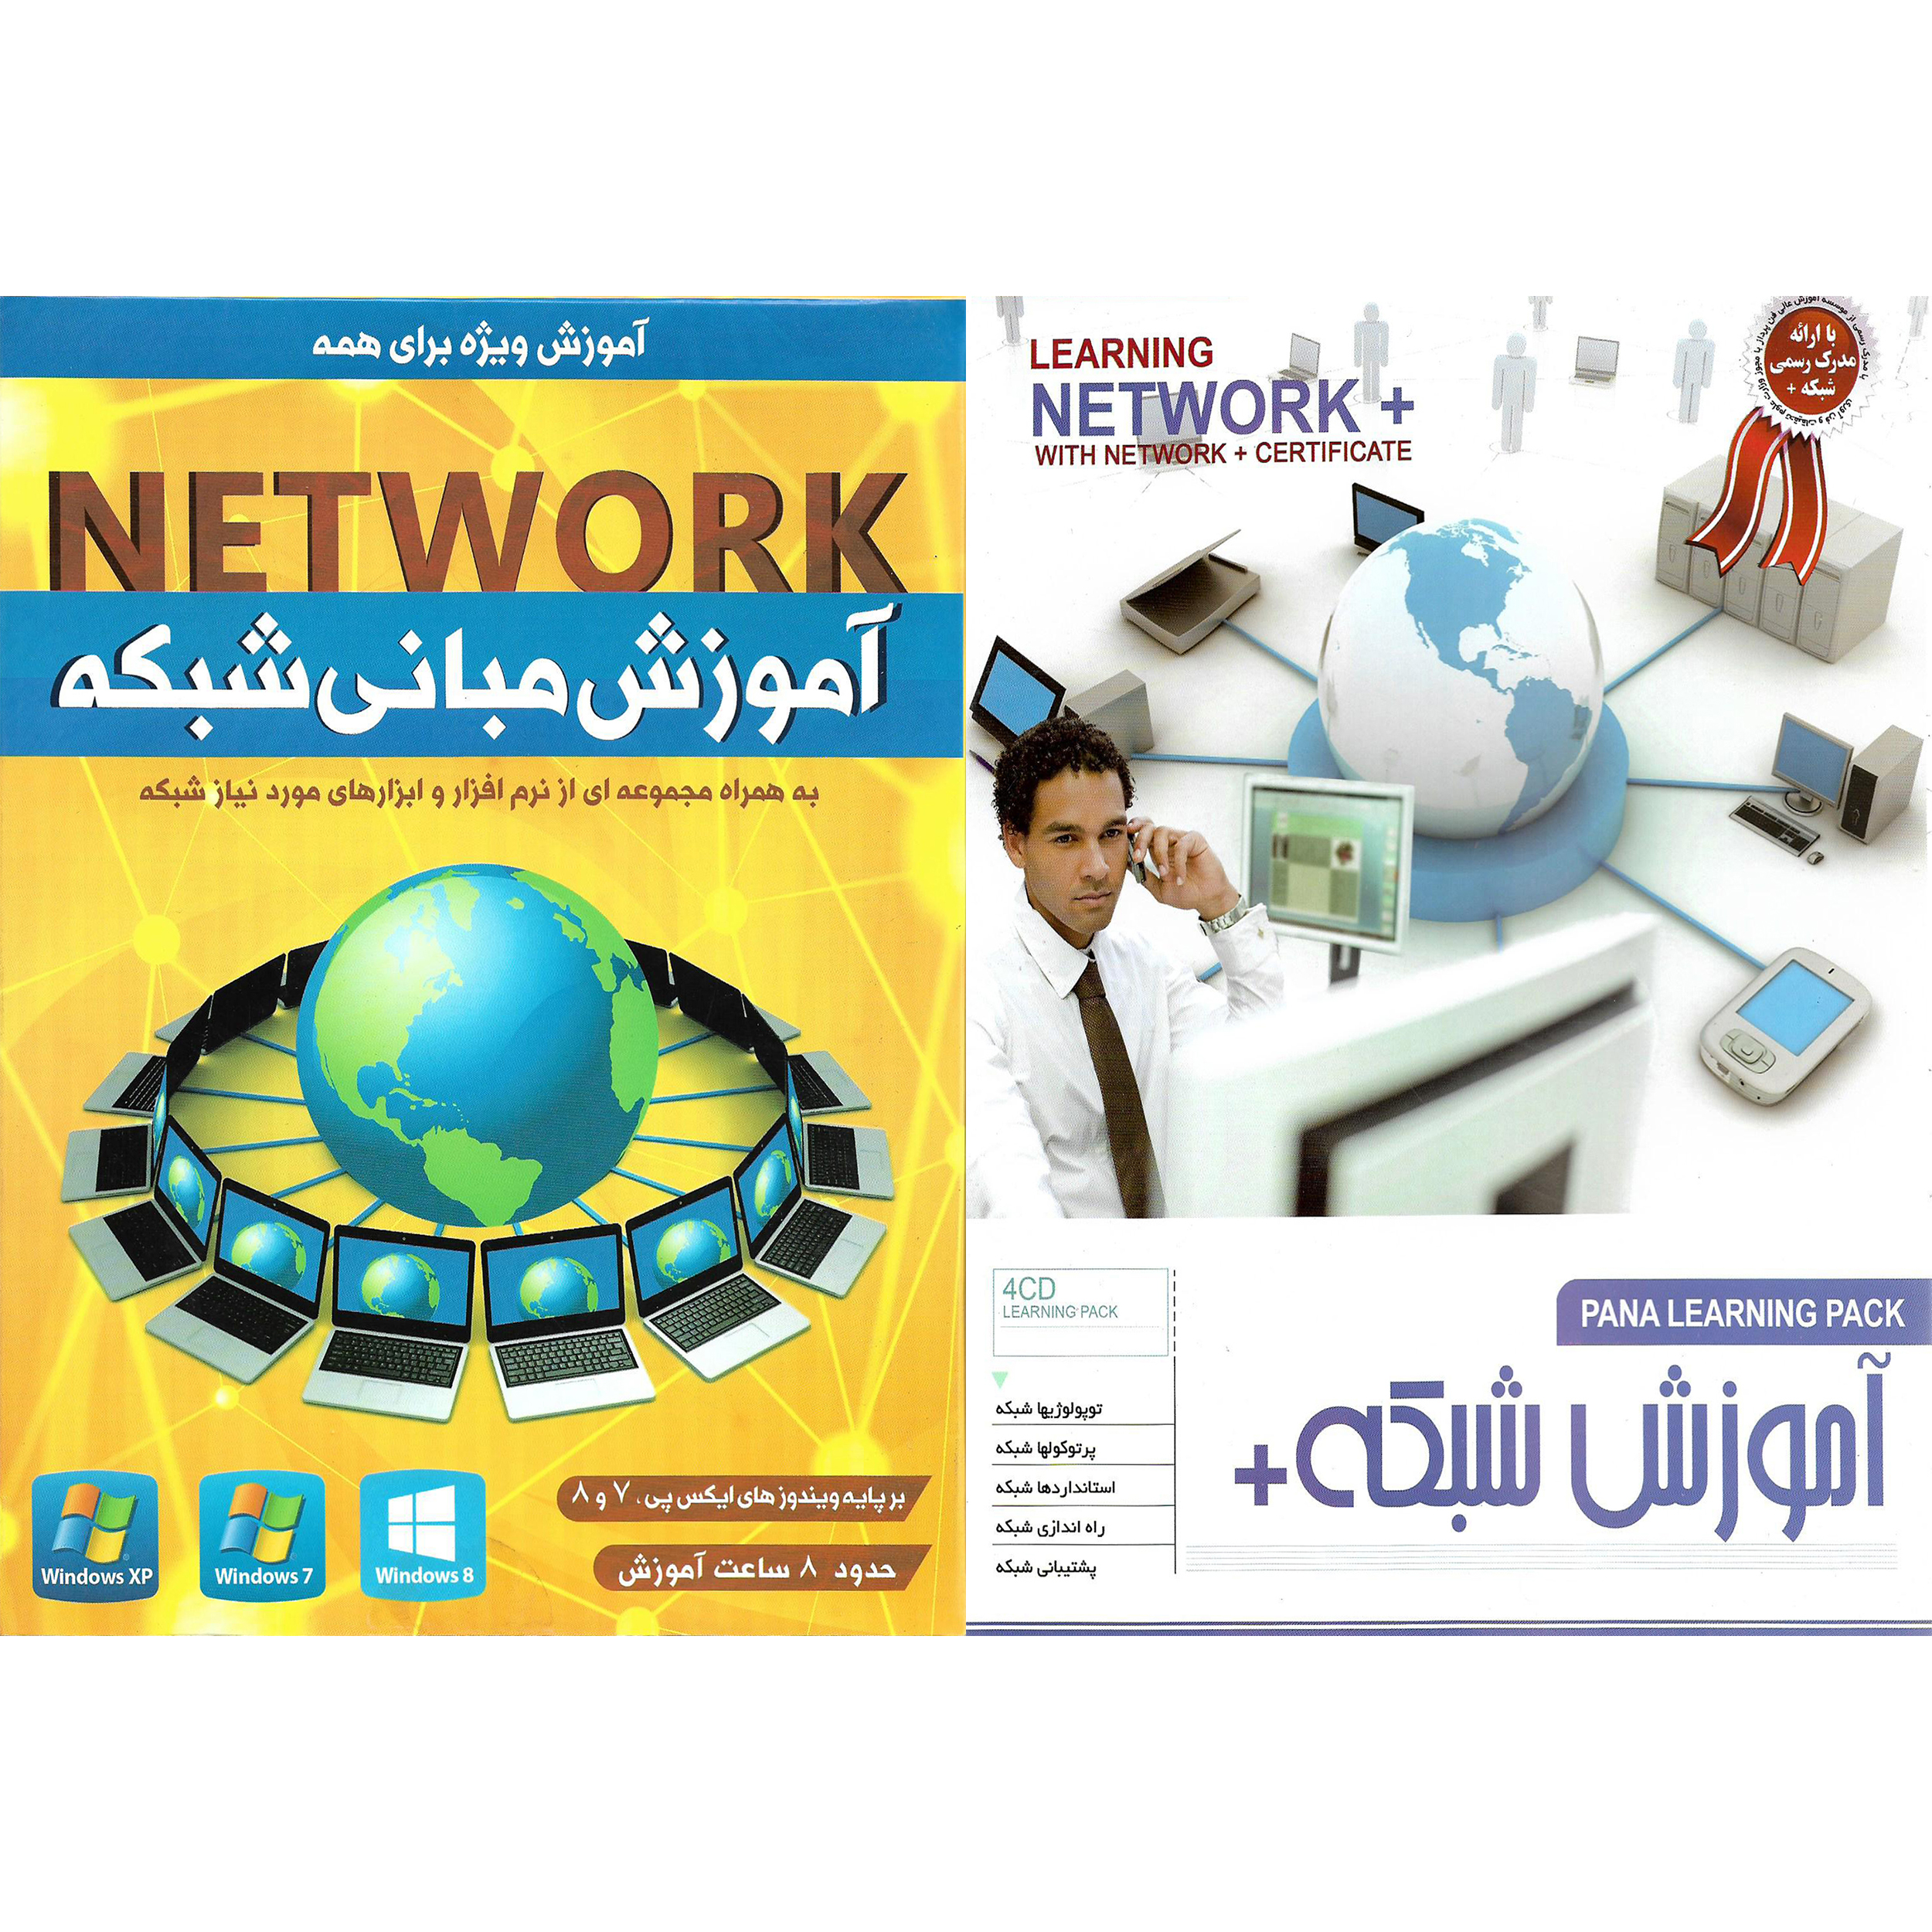 نرم افزار آموزش شبکه + نشر الکترونیک پانا به همراه نرم افزار آموزش مبانی شبکه نشر پدیده